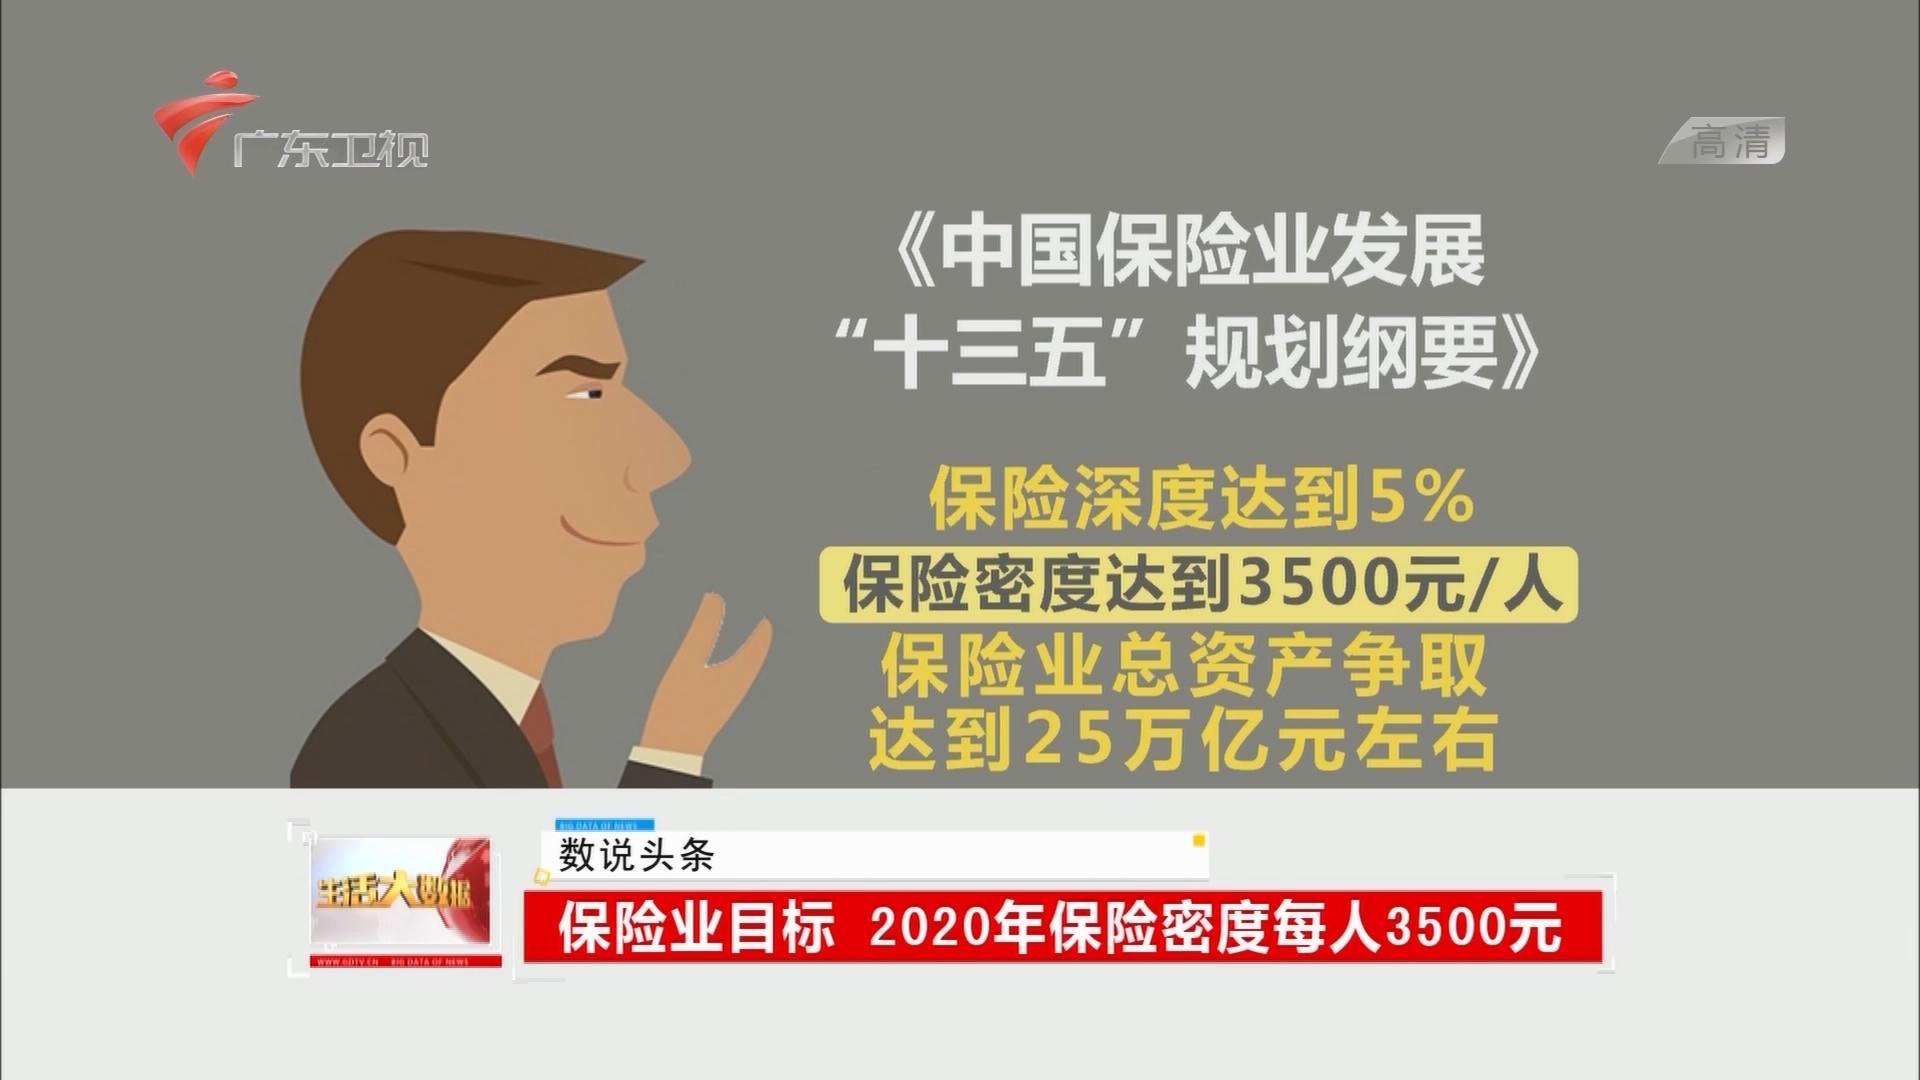 保险业目标:2020年保险密度每人3500元